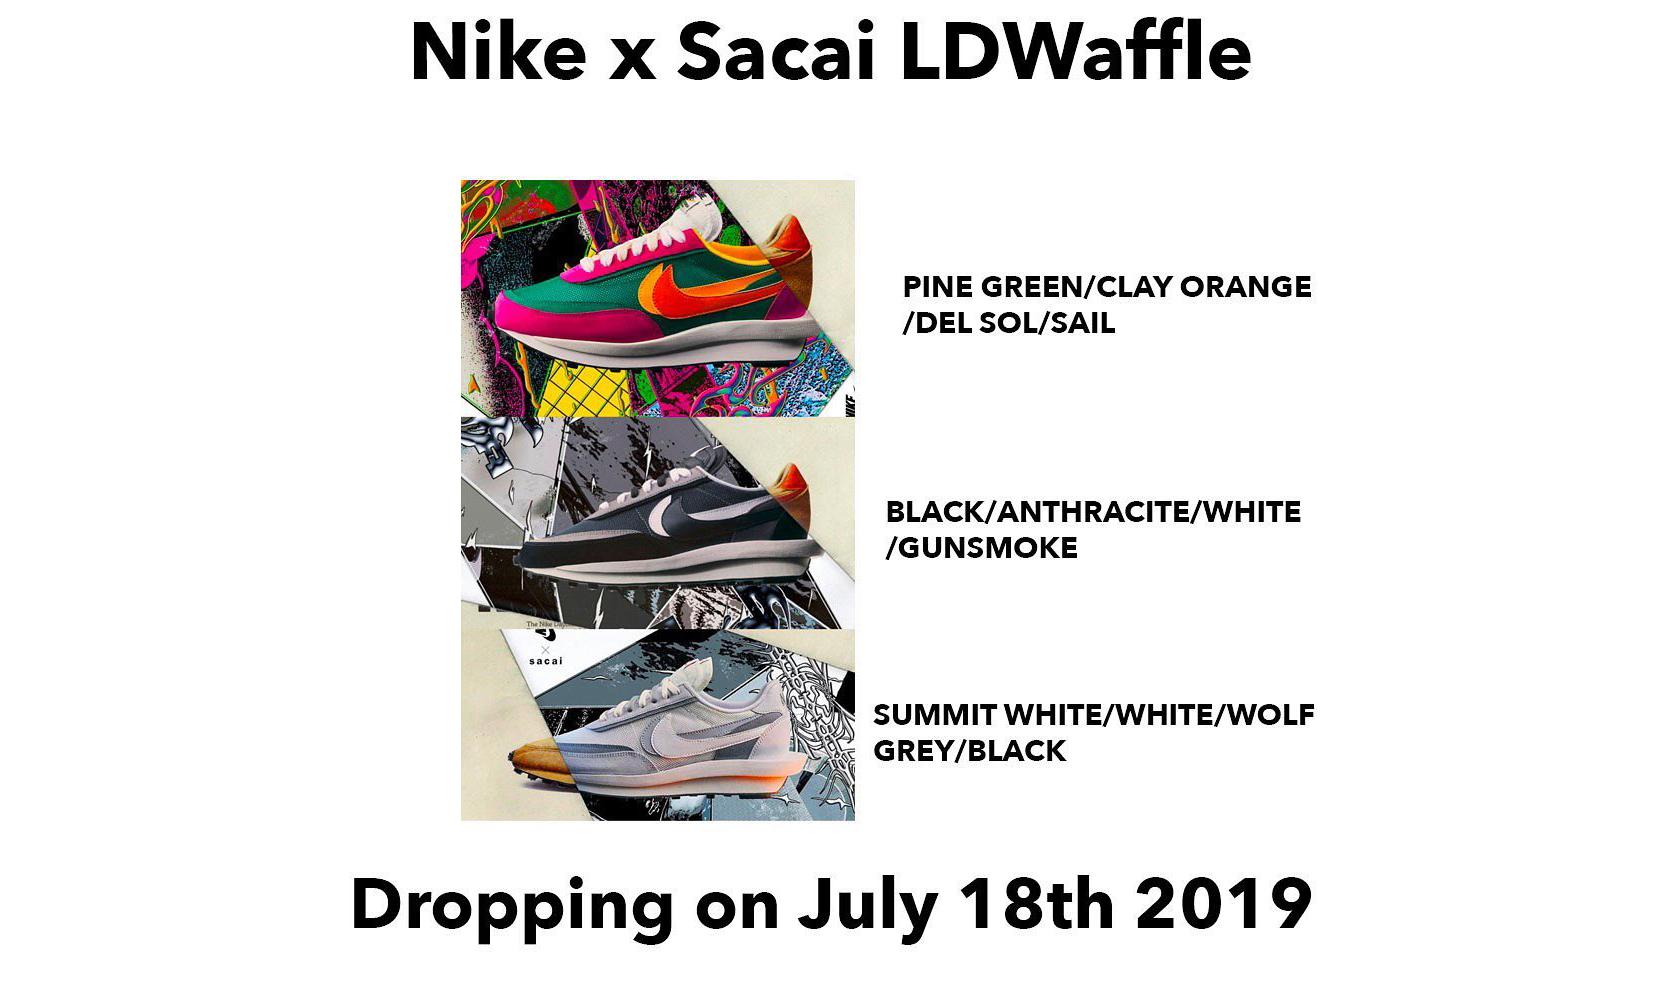 三色齐发?sacai x Nike LDWaffle 7 月发售配色安排公布